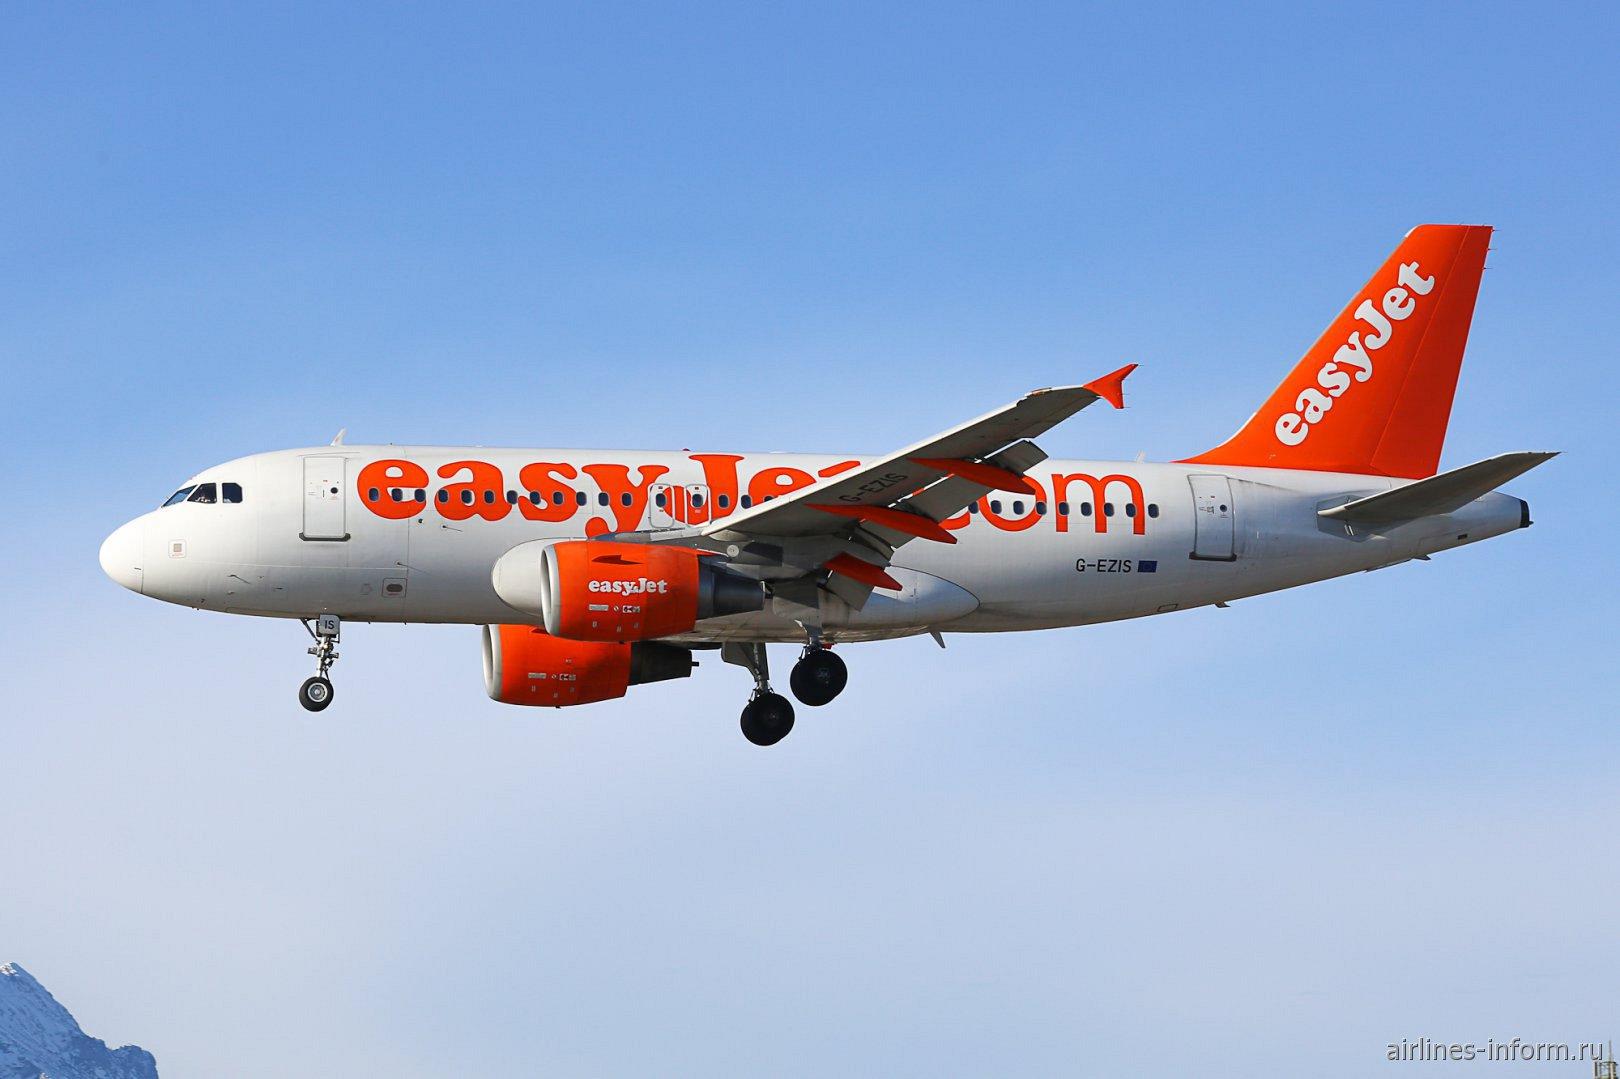 Самолет Airbus A319, борт G-EZIS, бюджетной авиакомпании easyJet